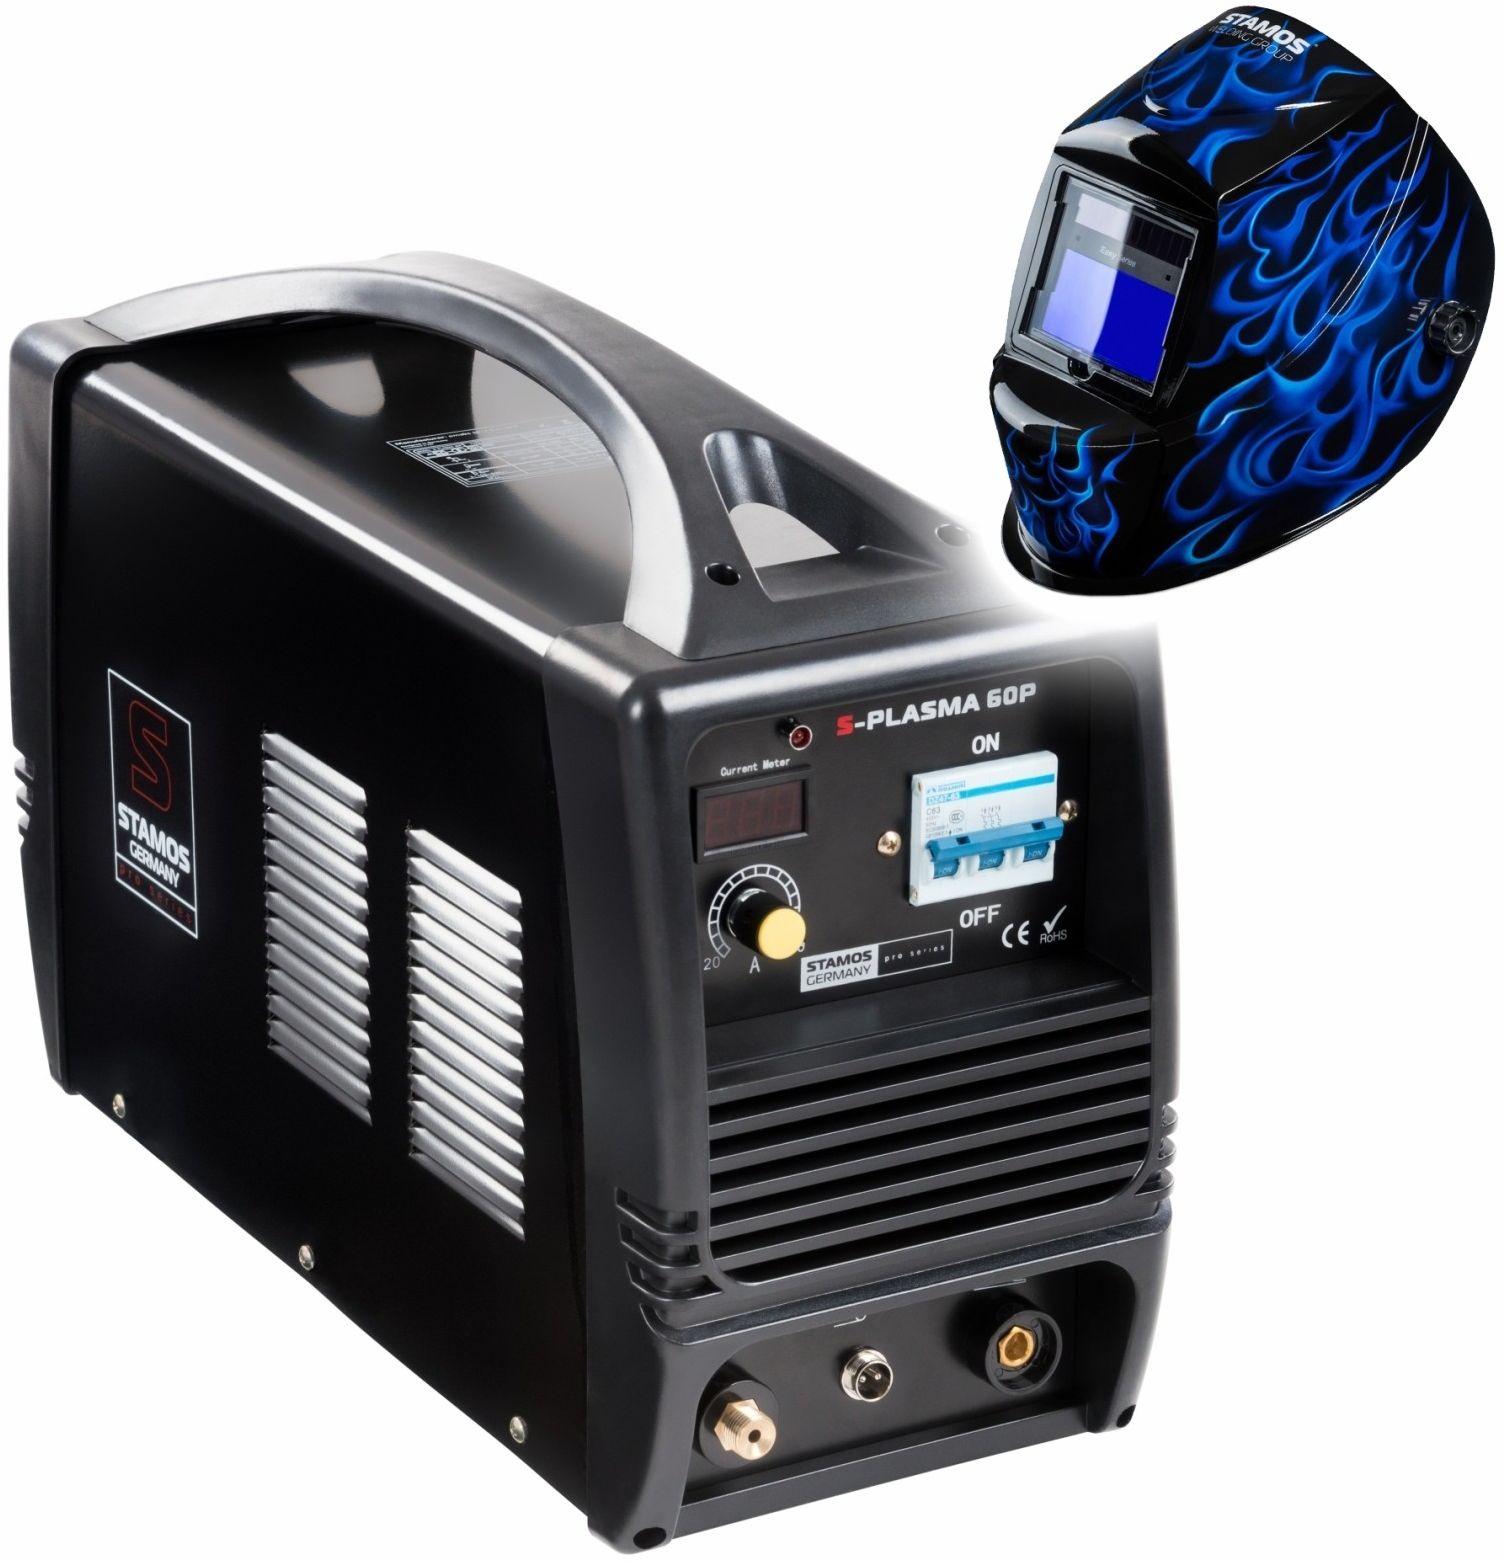 Przecinarka plazmowa - 60 A - 400 V - Stamos Pro Series - S-Plasma 60P - 3 lata gwarancji/wysyłka w 24h